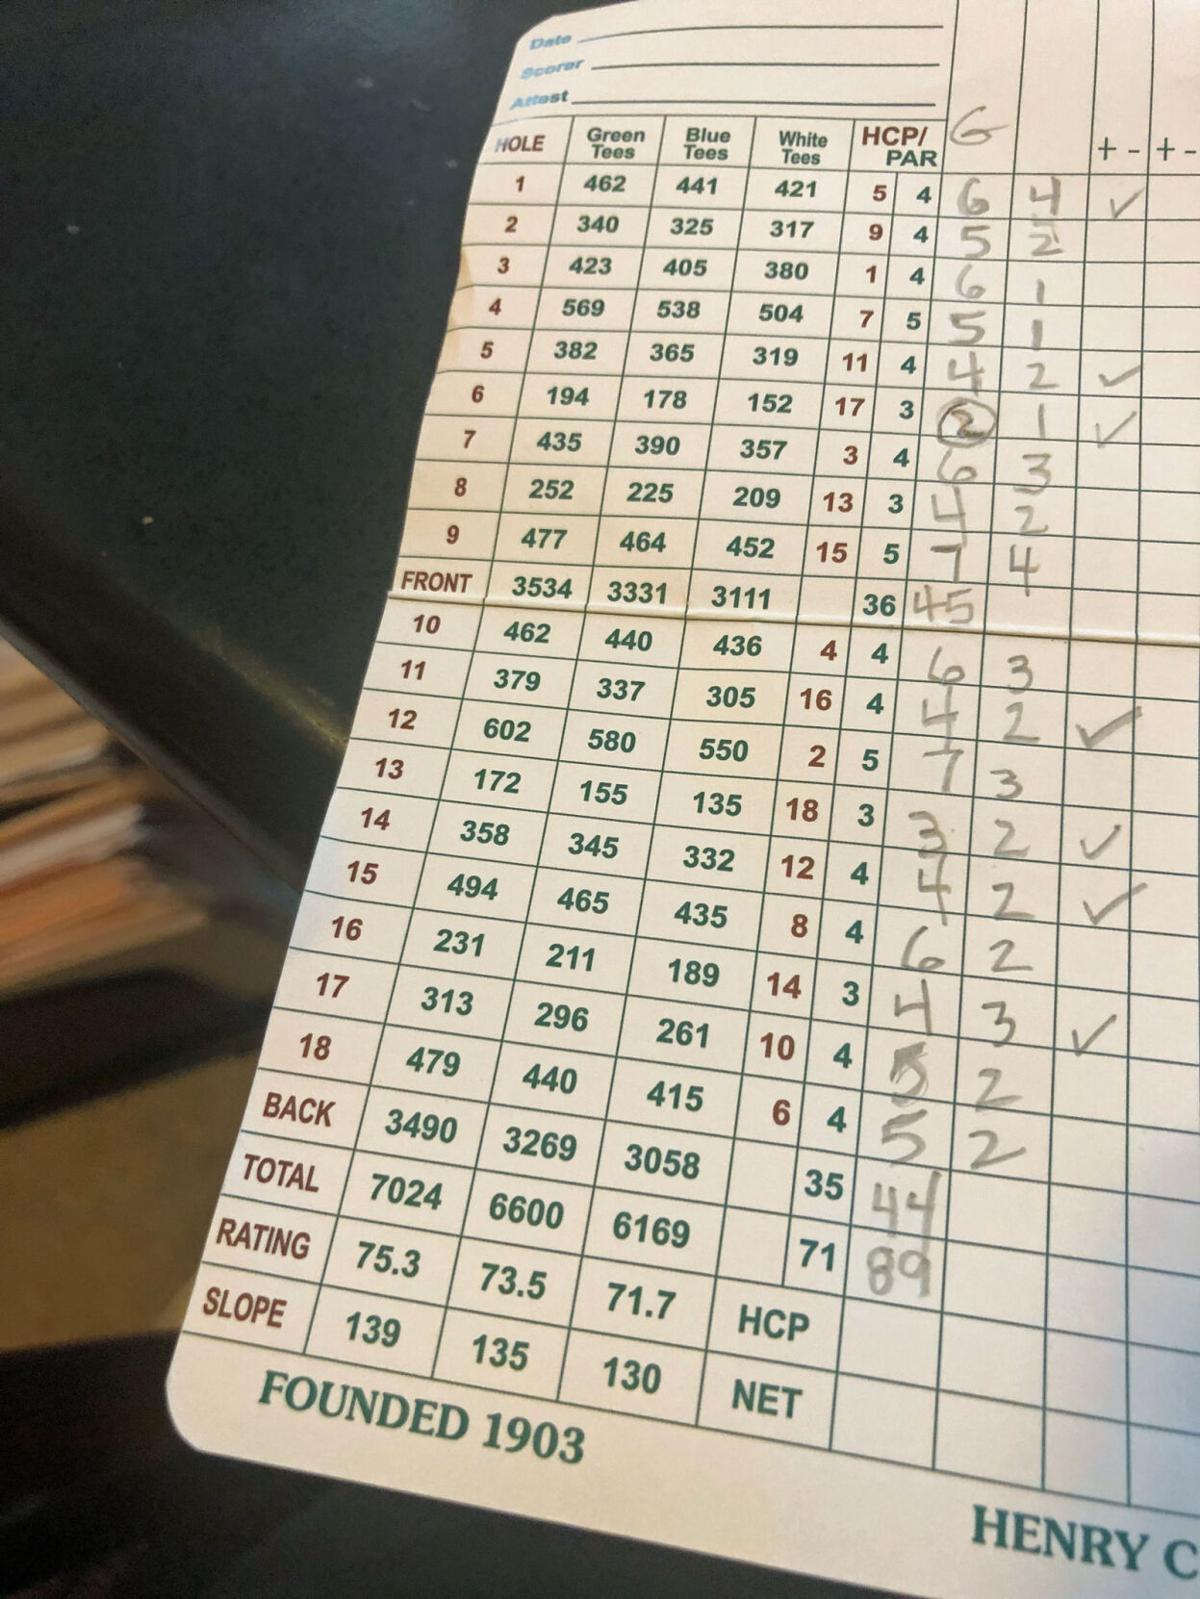 oakmont_scorecard.jpg